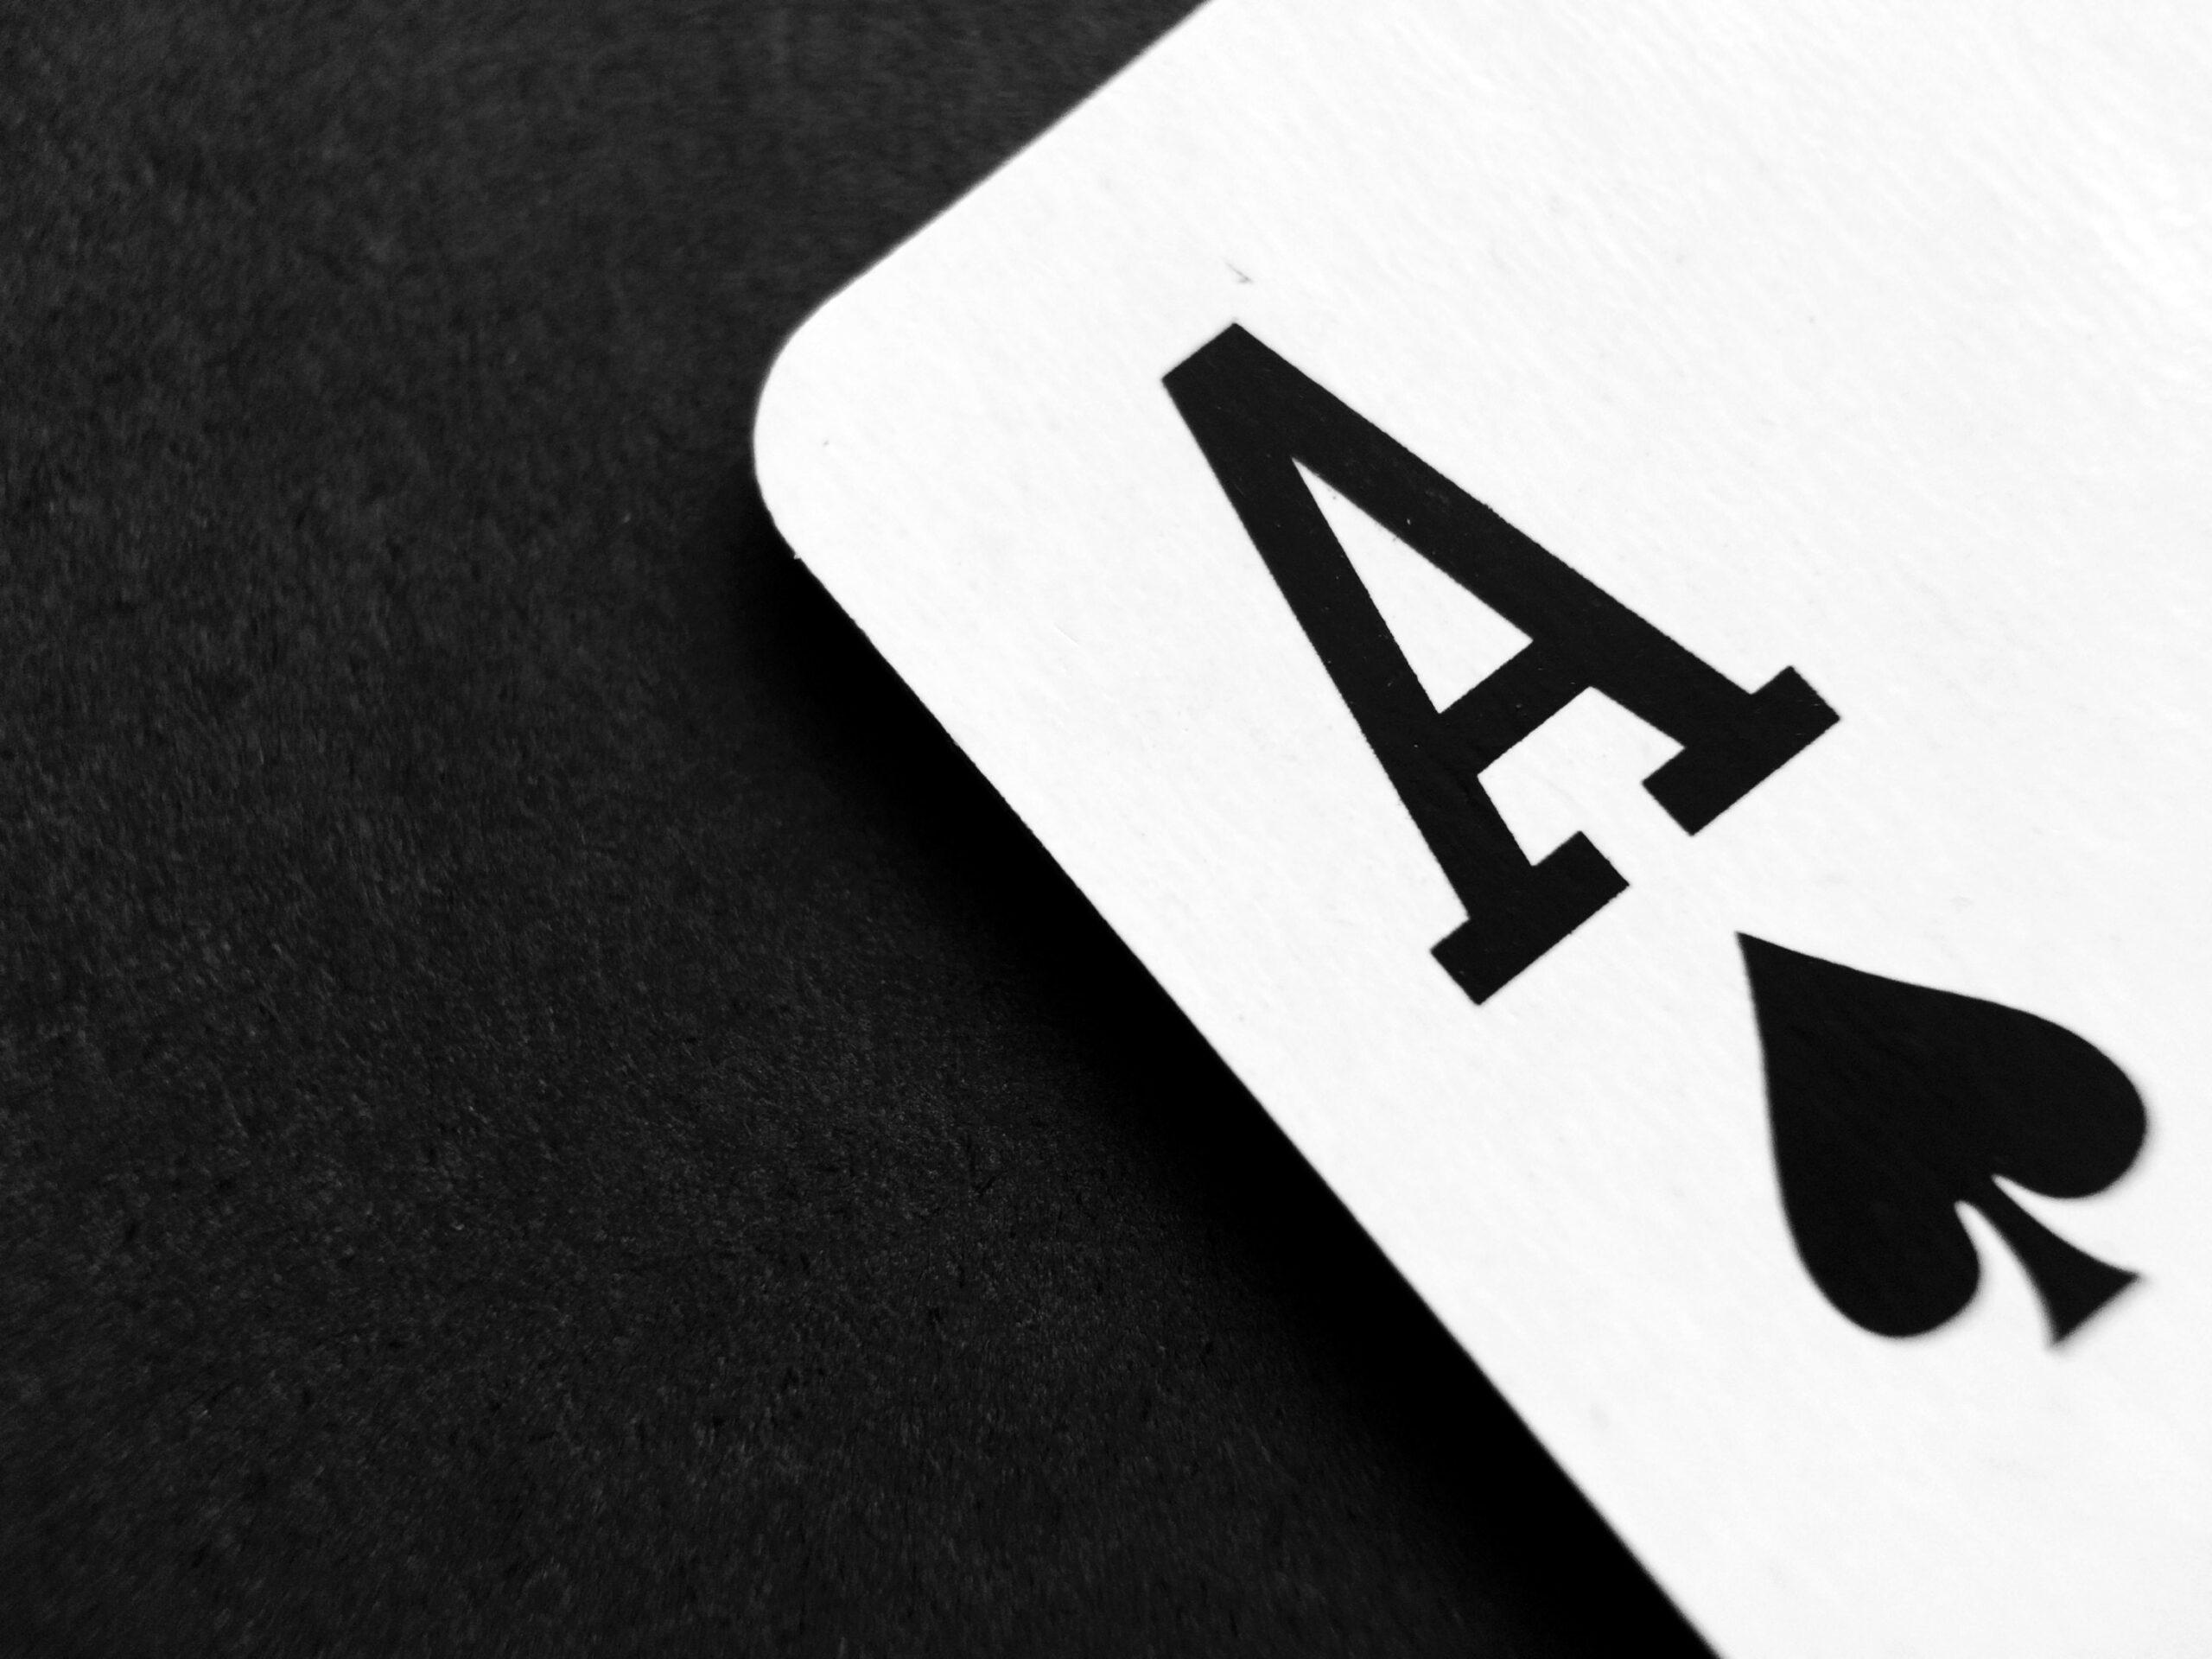 giochi online casino